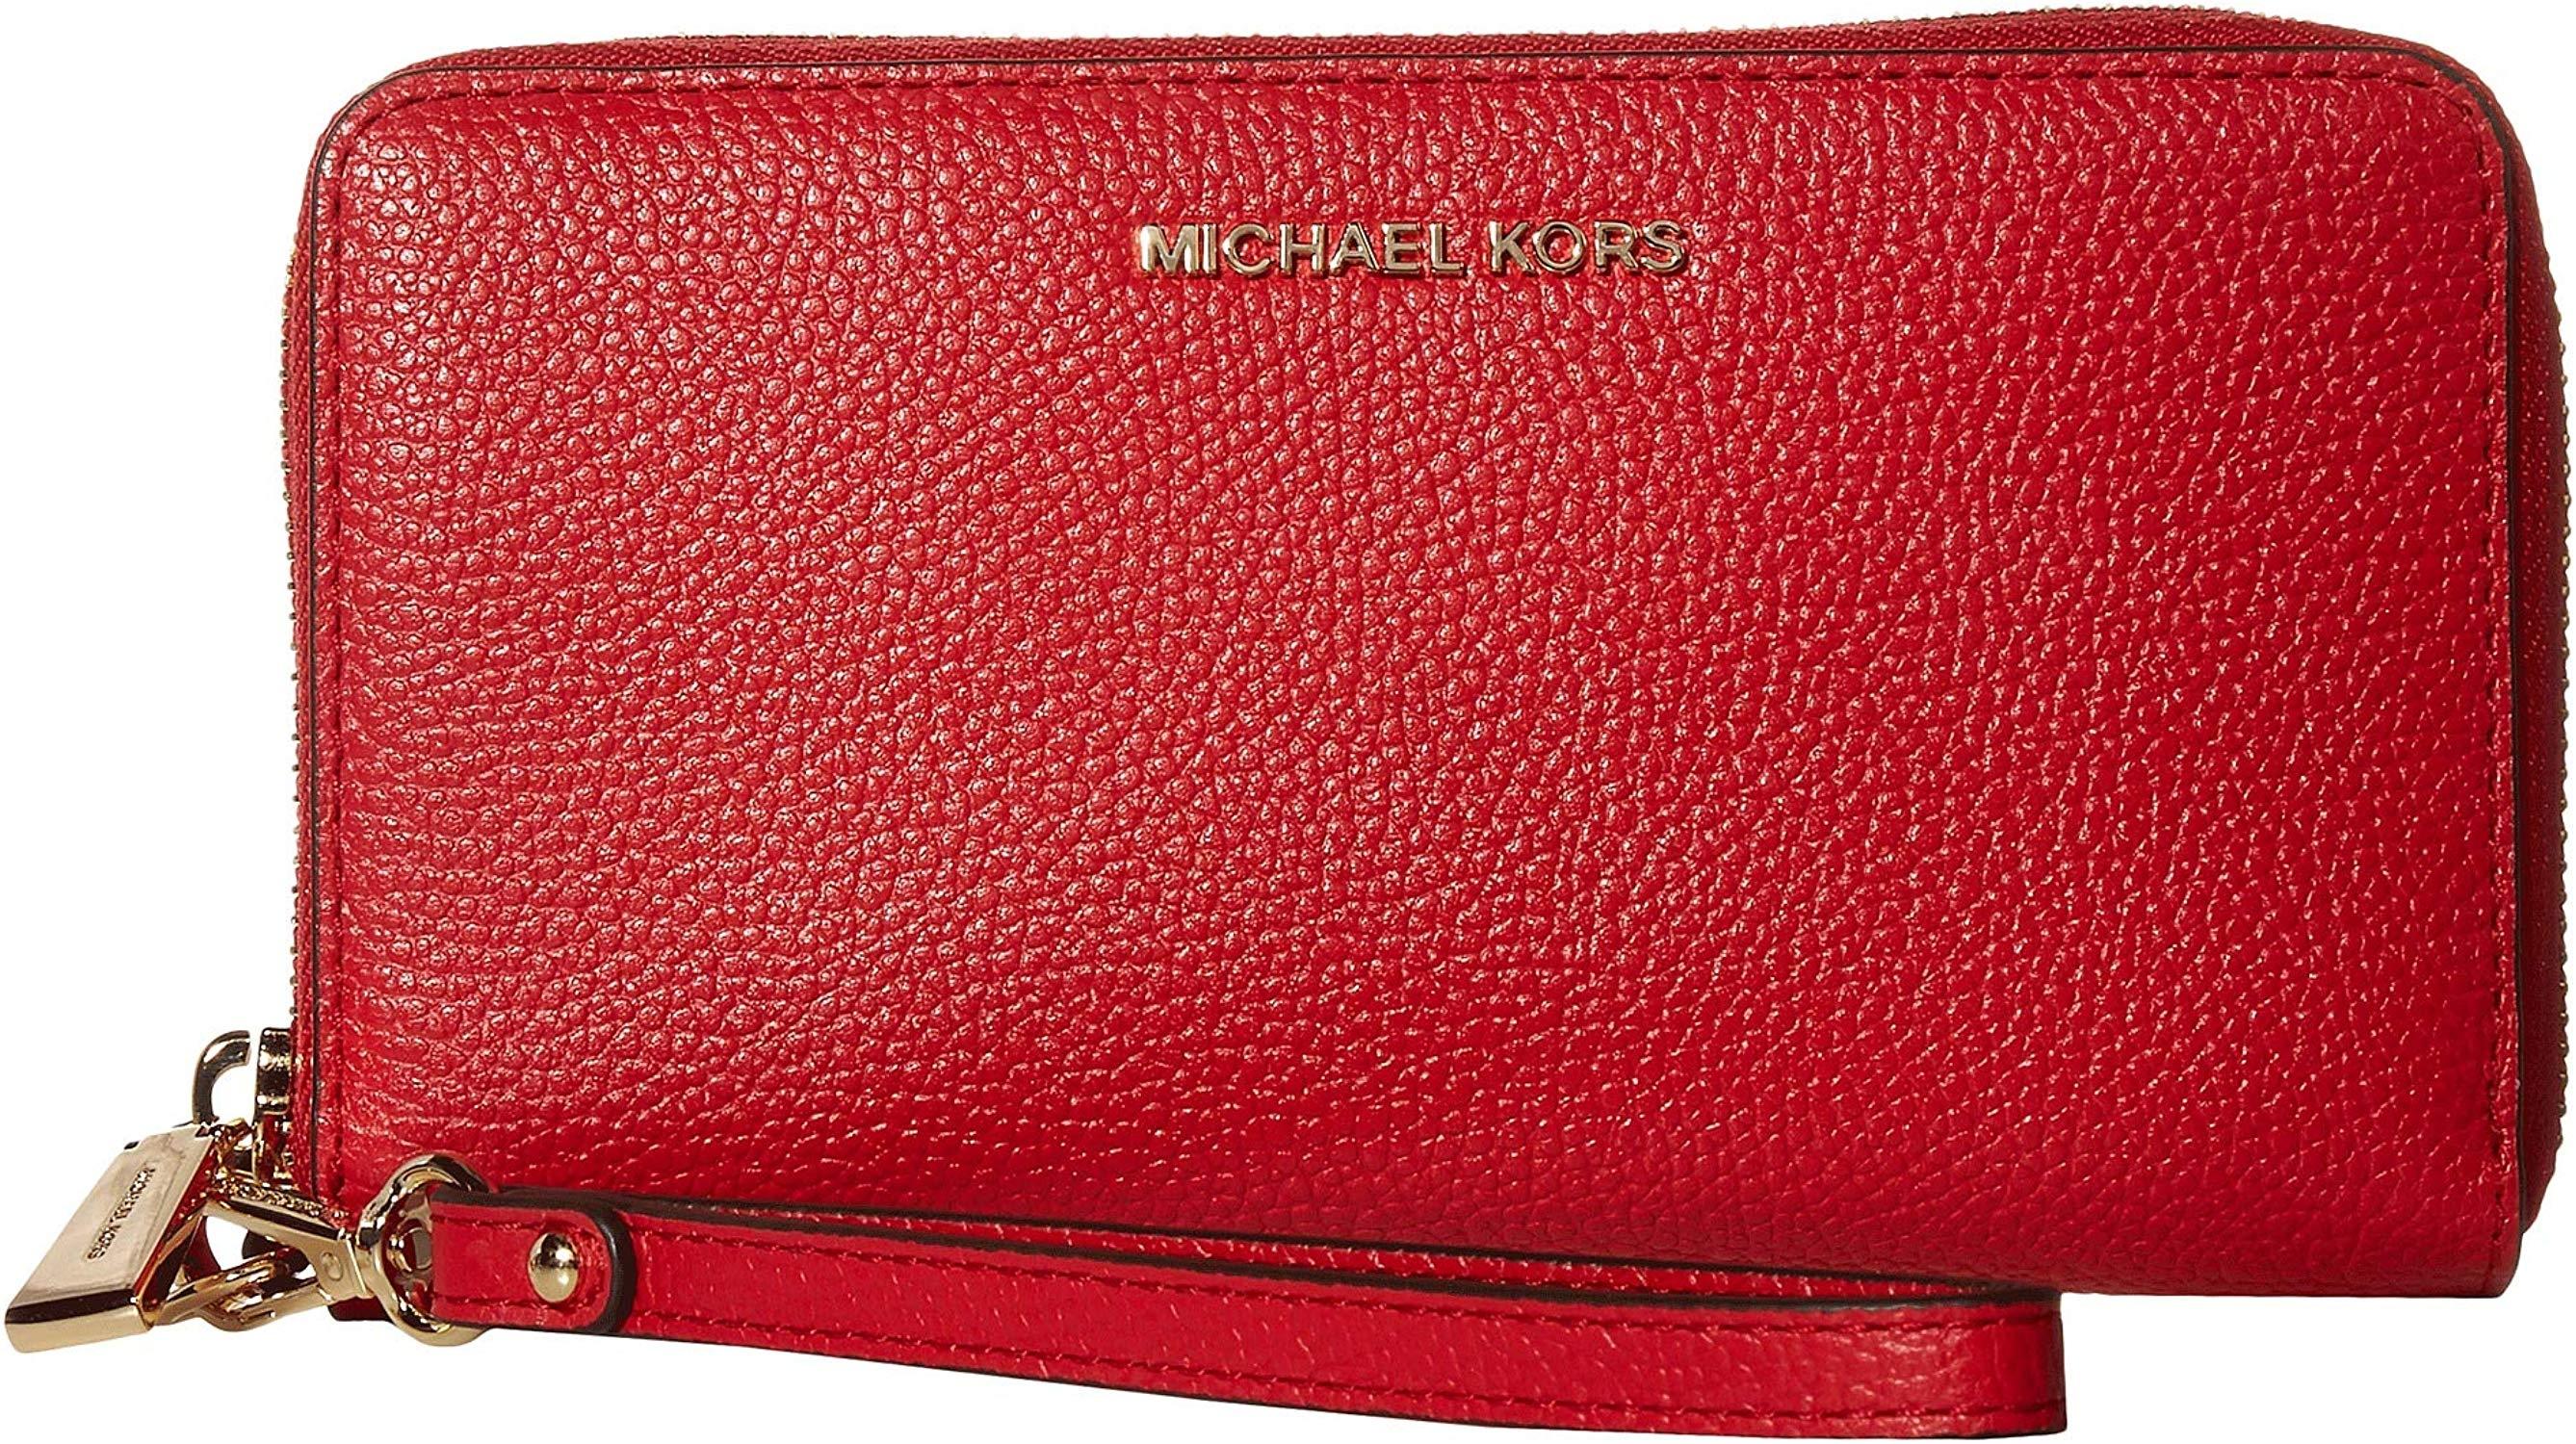 michael kors plånbok röd